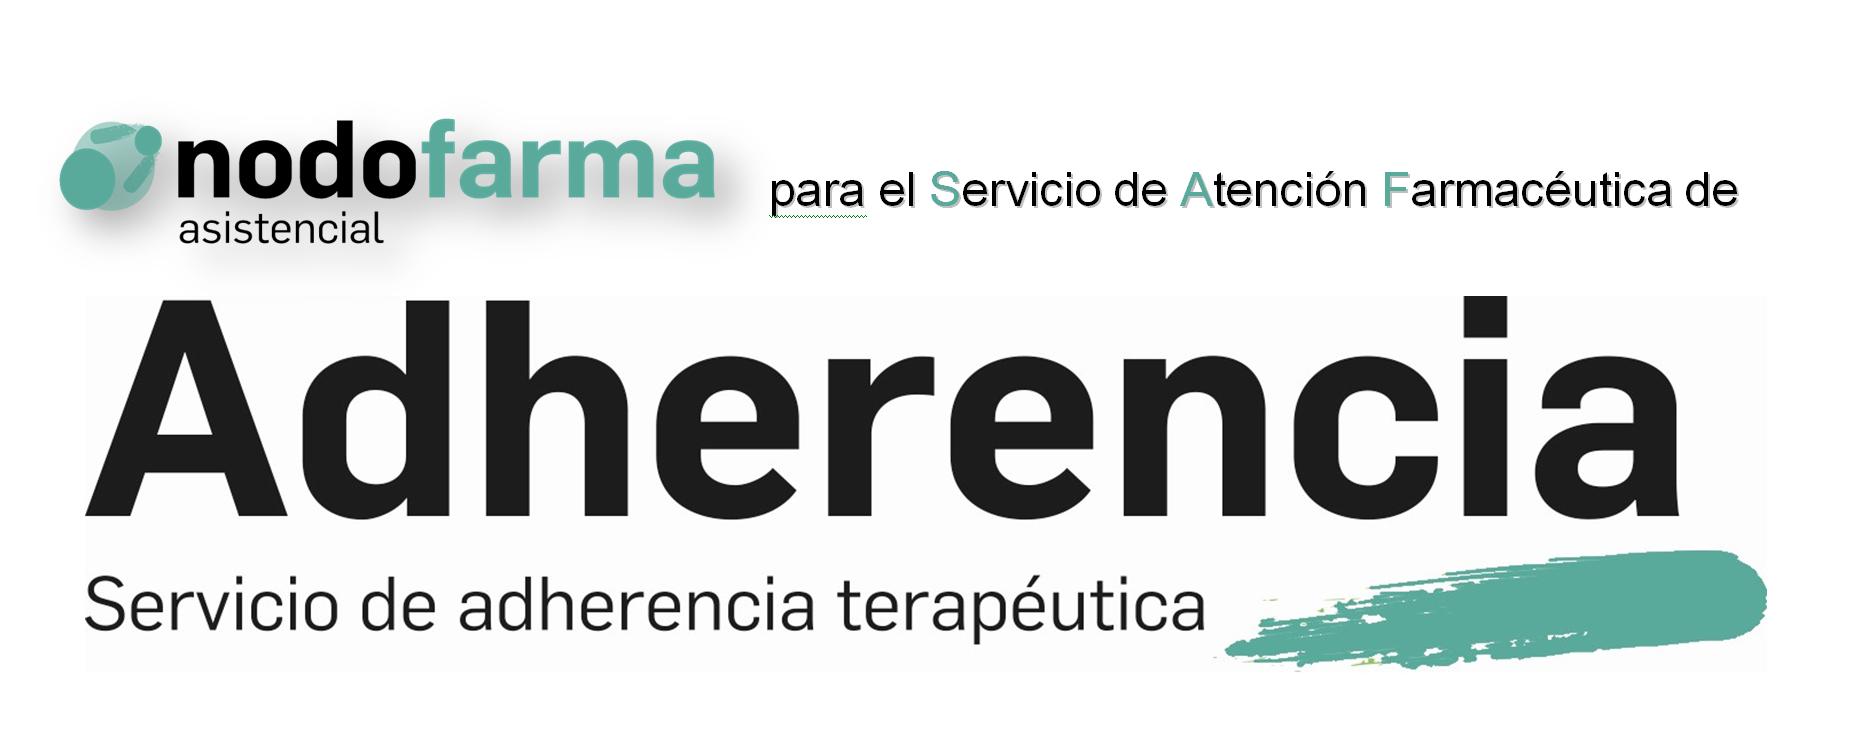 """Formación: """"Nodofarma Asistencial para el servicio de Adherencia Terapéutica en farmacia comunitaria"""" - Colegio de Farmacéuticos de Pontevedra"""